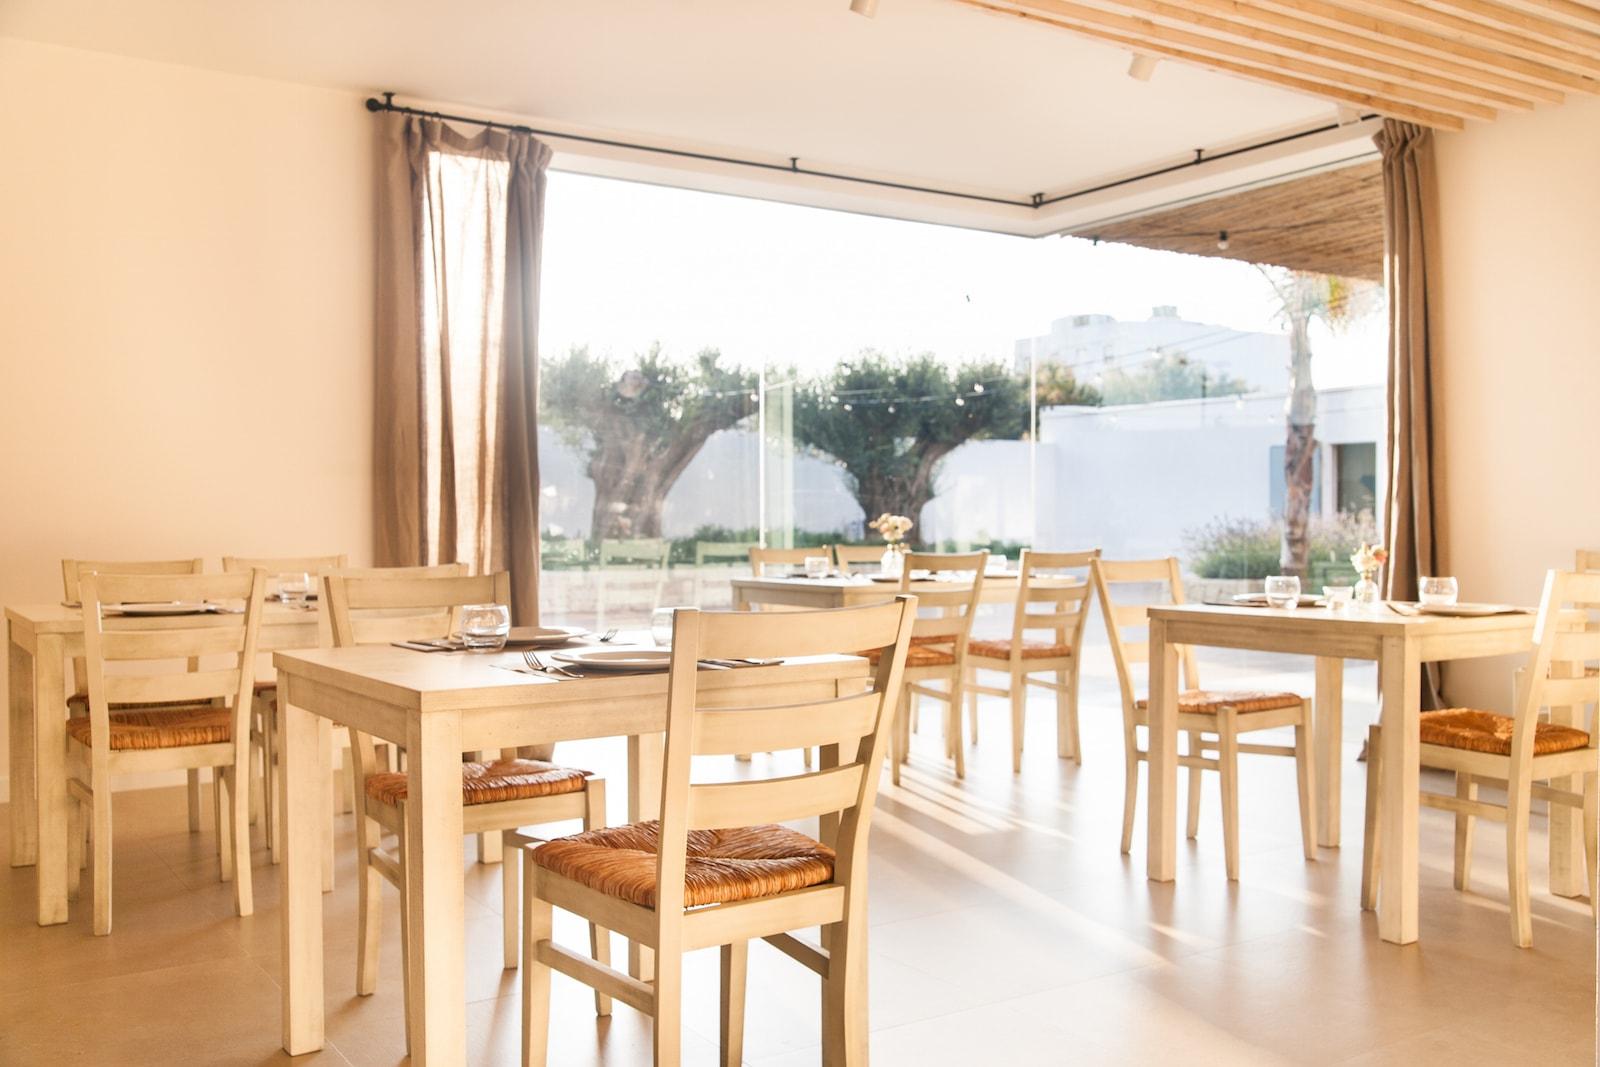 Restaurante la ferrera pinedo cheap diseo web la ferrera - Restaurante en pinedo ...